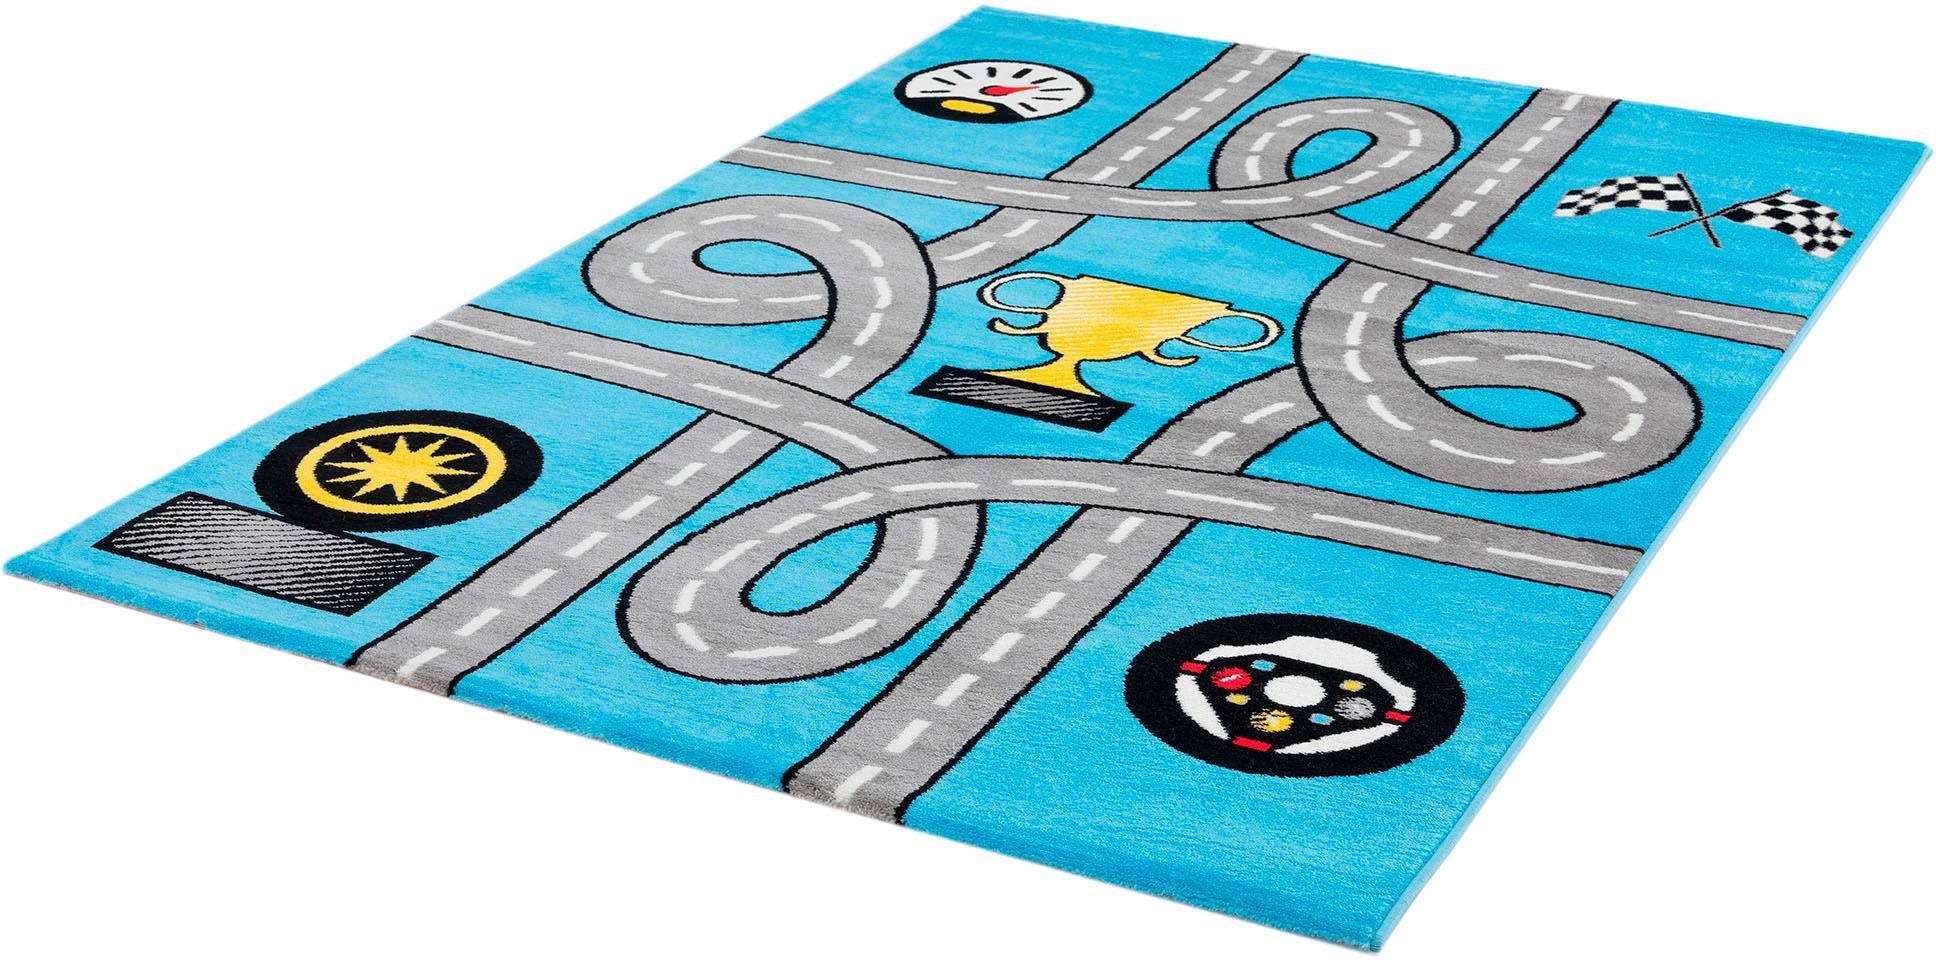 Kinderteppich Bambino 2115 Sanat Teppiche rechteckig Höhe 12 mm maschinell gewebt